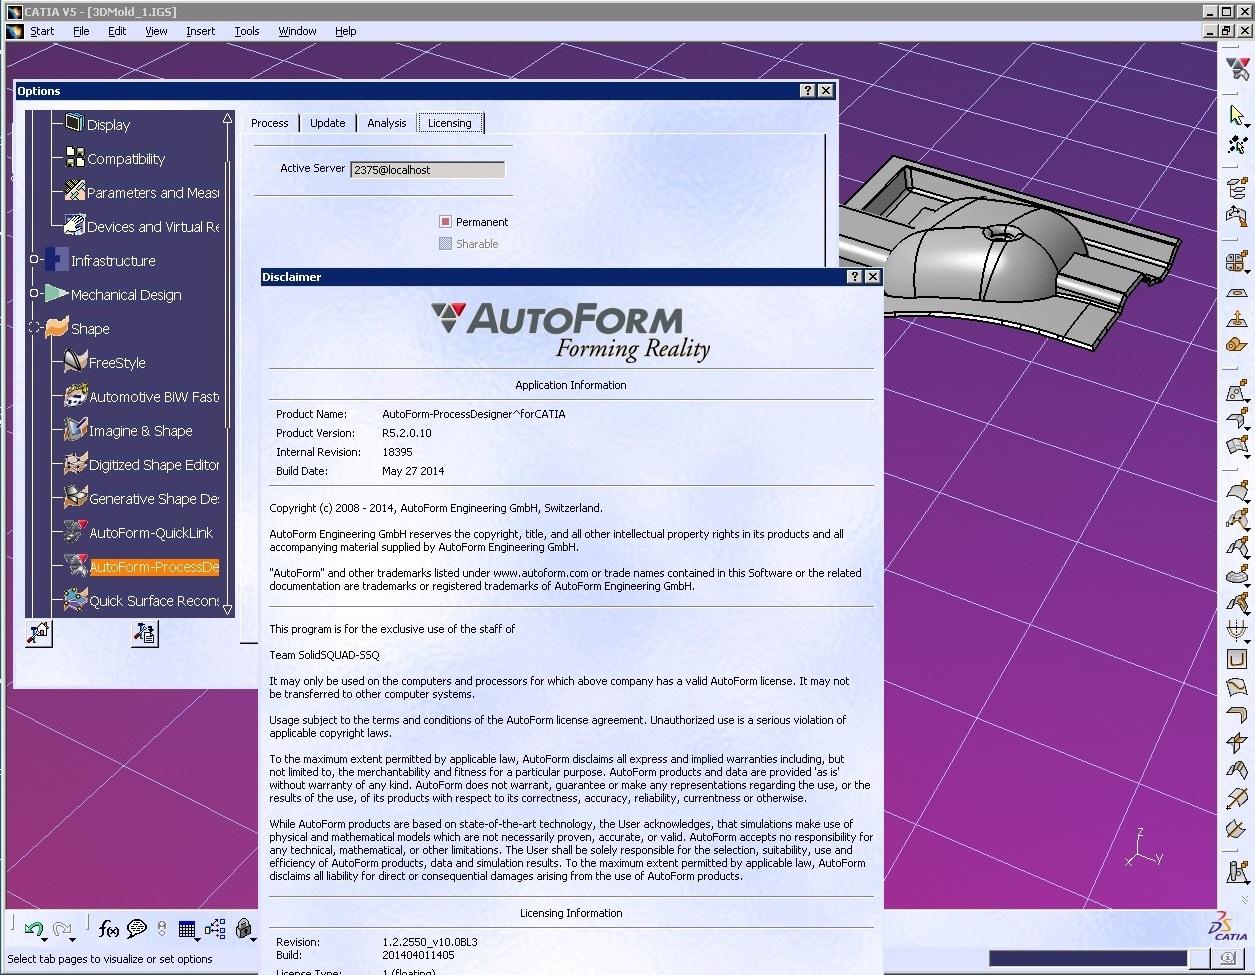 AutoForm^Plus R5.2.0.11 with catia full license